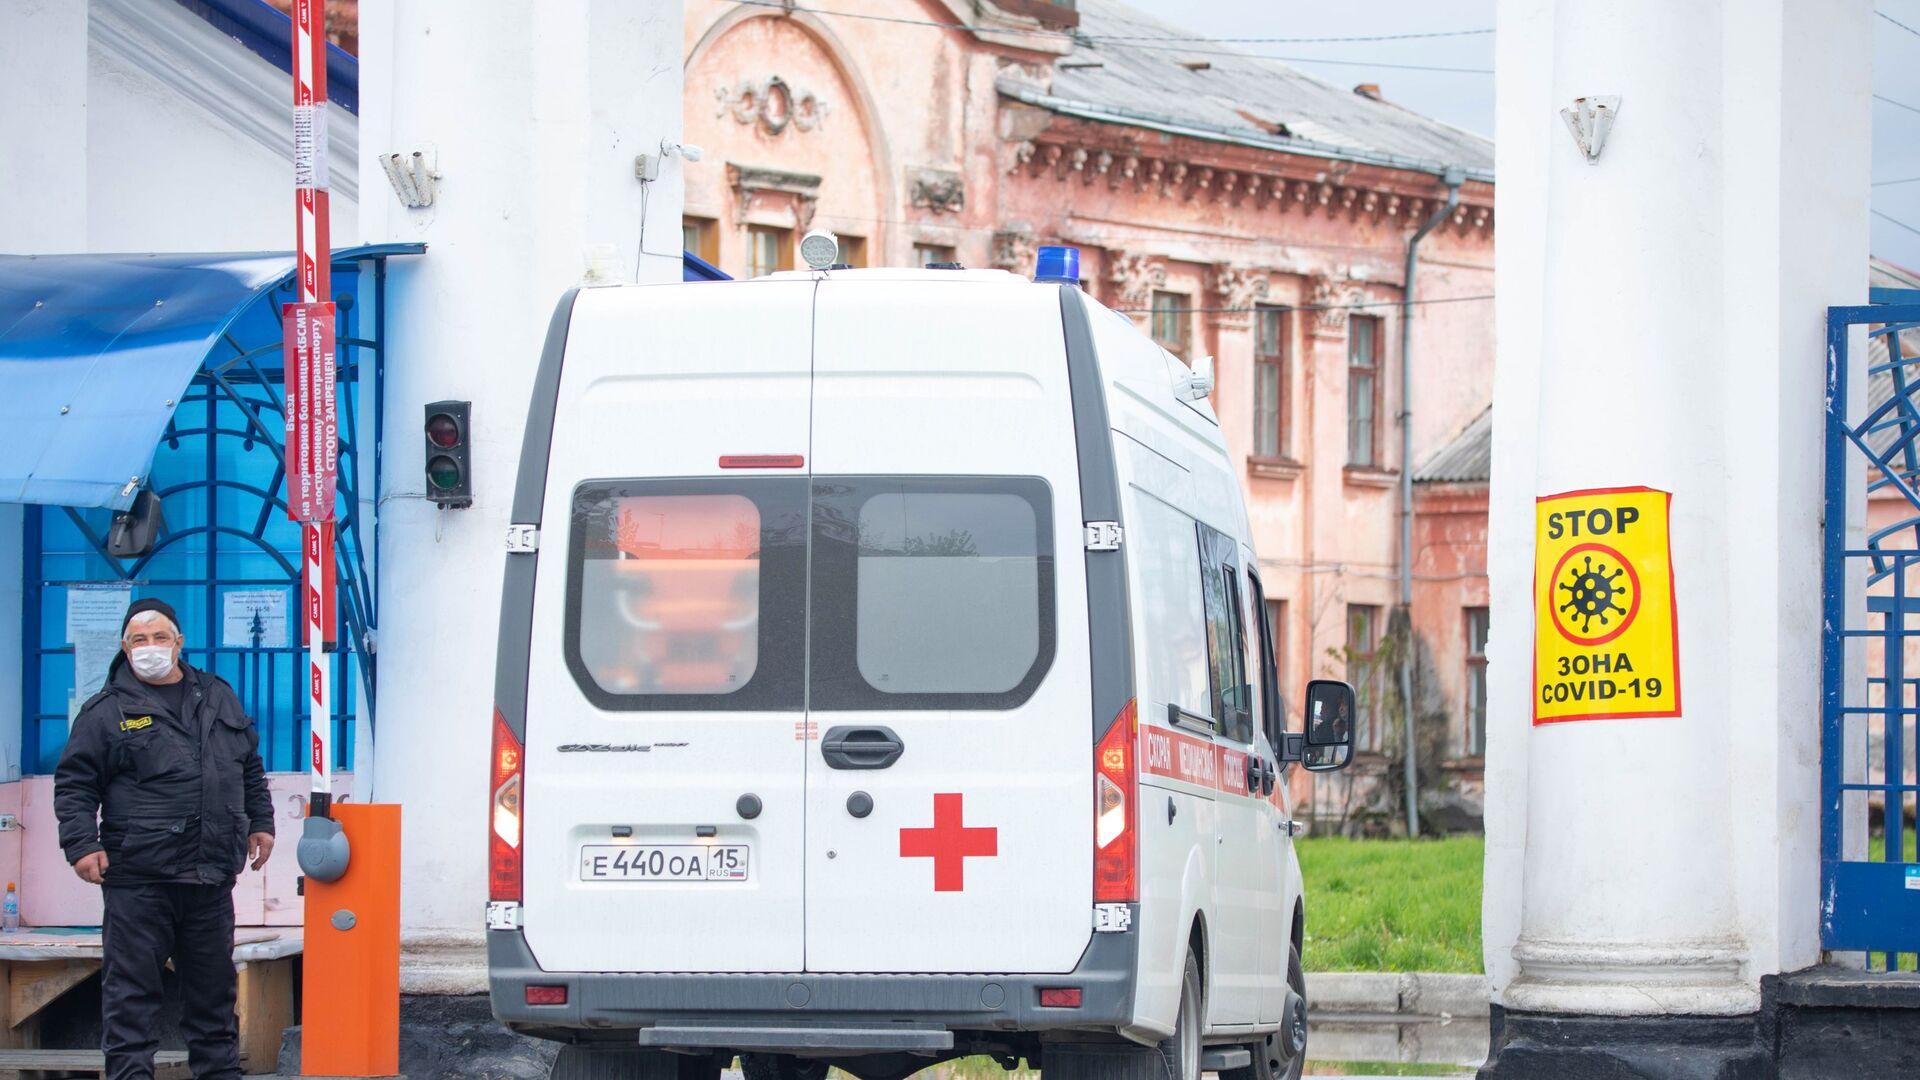 Автомобиль скорой помощи во Владикавказе - Sputnik Грузия, 1920, 20.09.2021